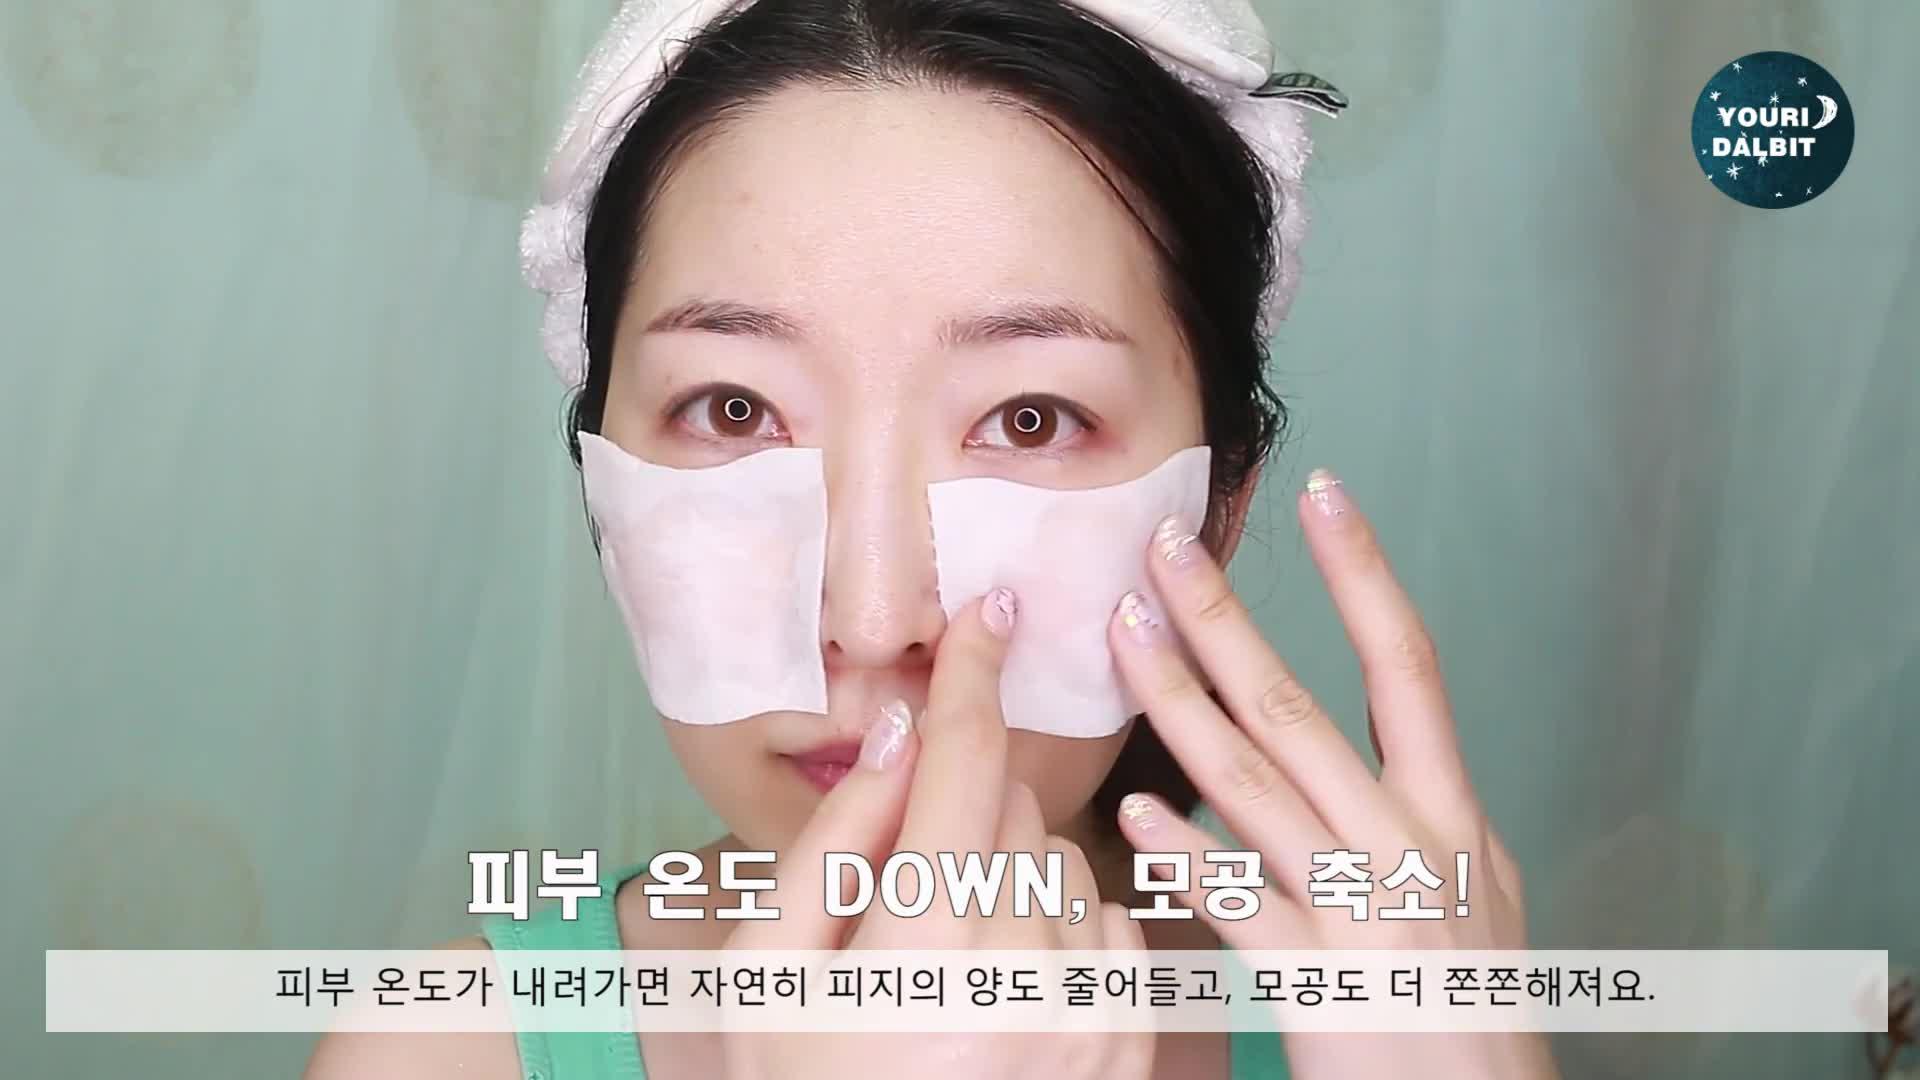 [1분팁] 얼굴 피지제거하기, 여름 피지 관리 방법